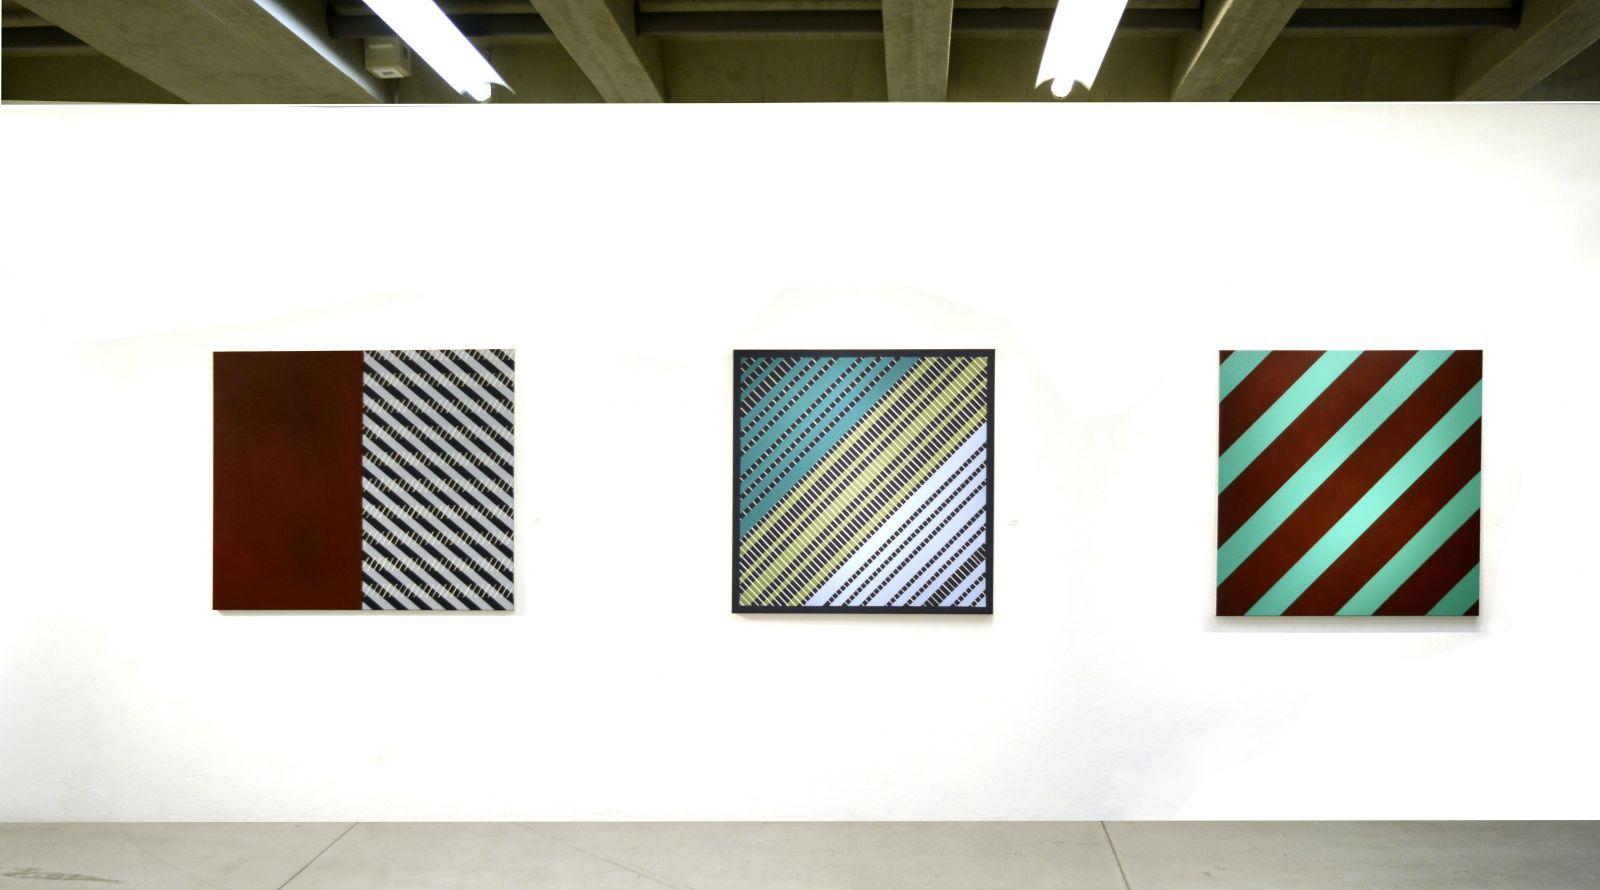 ausstellungen - works in exhibitions - christian eder